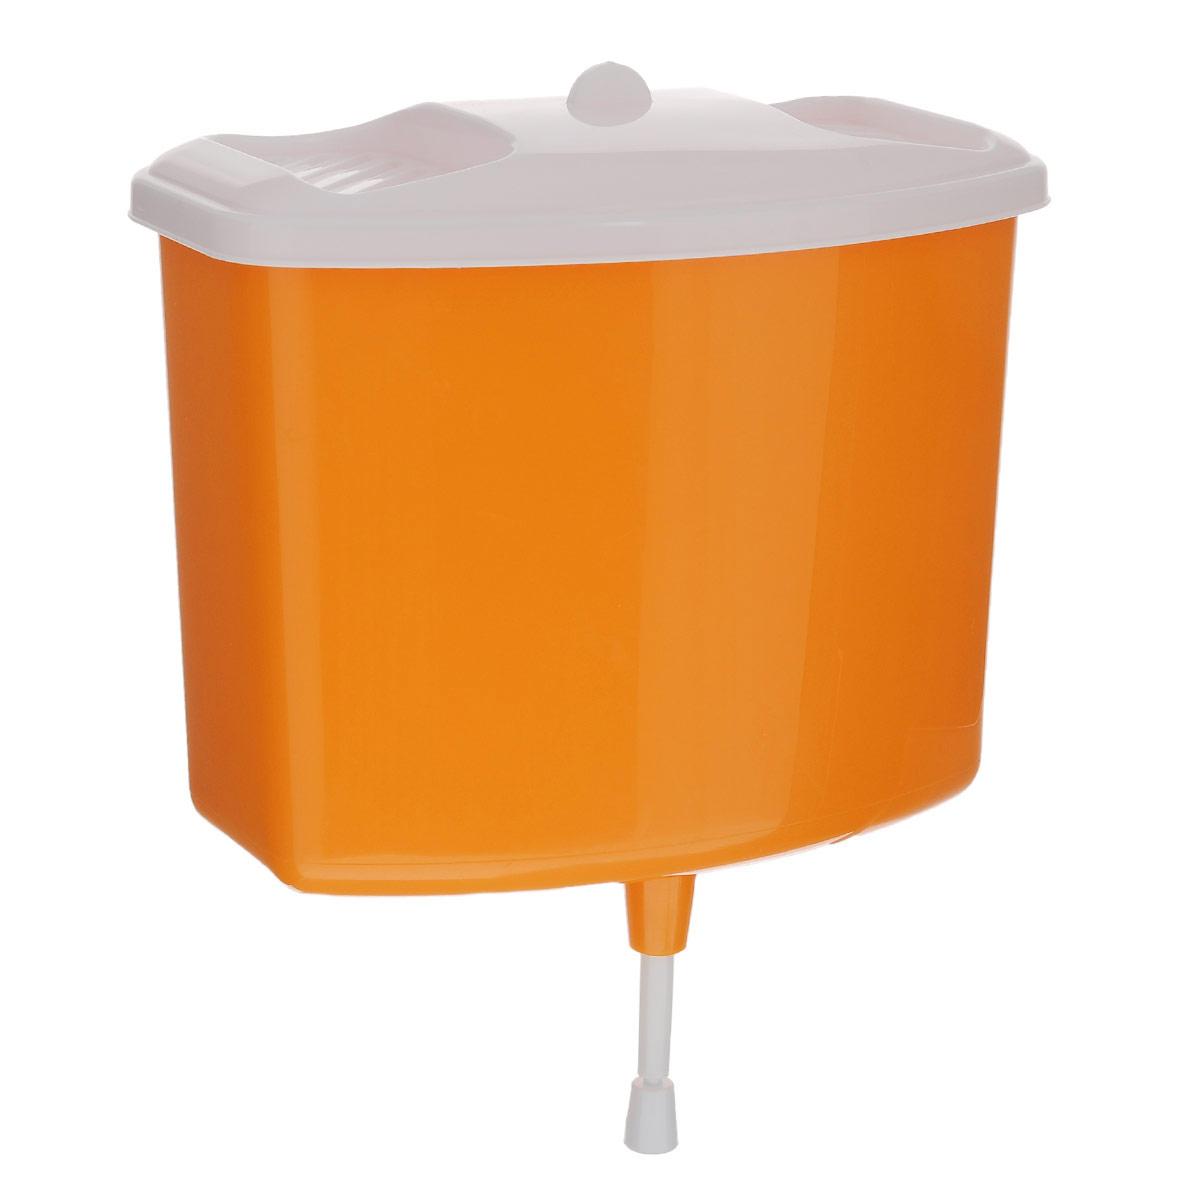 Рукомойник Альтернатива, цвет: оранжевый, 5 лM367Рукомойник Альтернатива изготовлен из пластика. Он предназначен для умывания в саду или на даче. Яркий и красочный, он отлично впишется в окружающую обстановку. Петли предоставляют вертикальное крепление рукомойника. Изделие оснащено крышкой, которая предотвращает попадание мусора. Также на крышке имеется две выемки для мыла. Рукомойник Альтернатива надежный и удобный в использовании. Размер рукомойника: 26,5 см х 15 см. Высота (без учета крышки): 23 см.